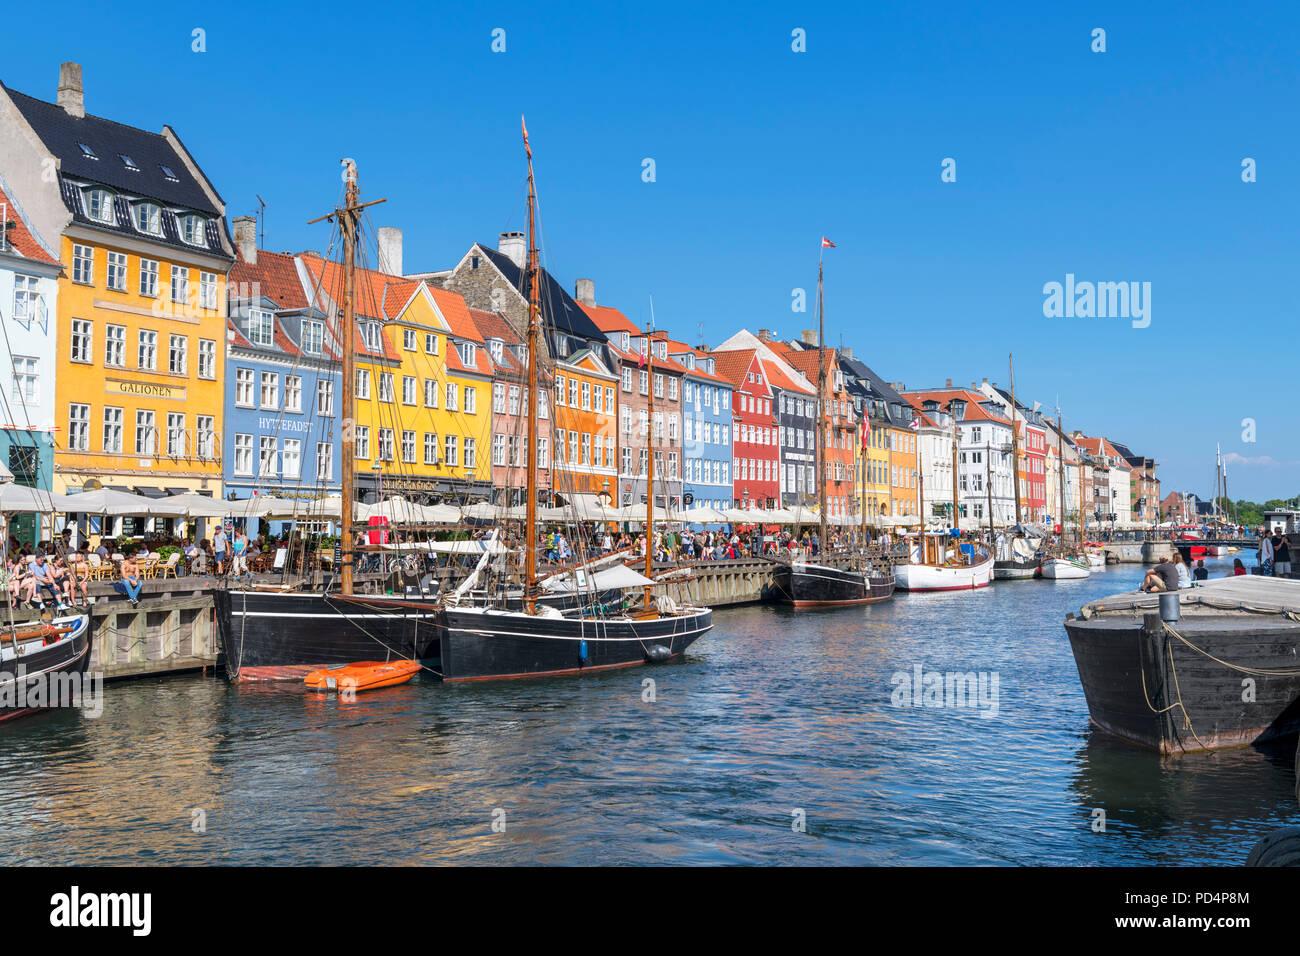 Histórico de los siglos XVII y XVIII, edificios junto al canal de Nyhavn, Copenhague, Dinamarca Foto de stock